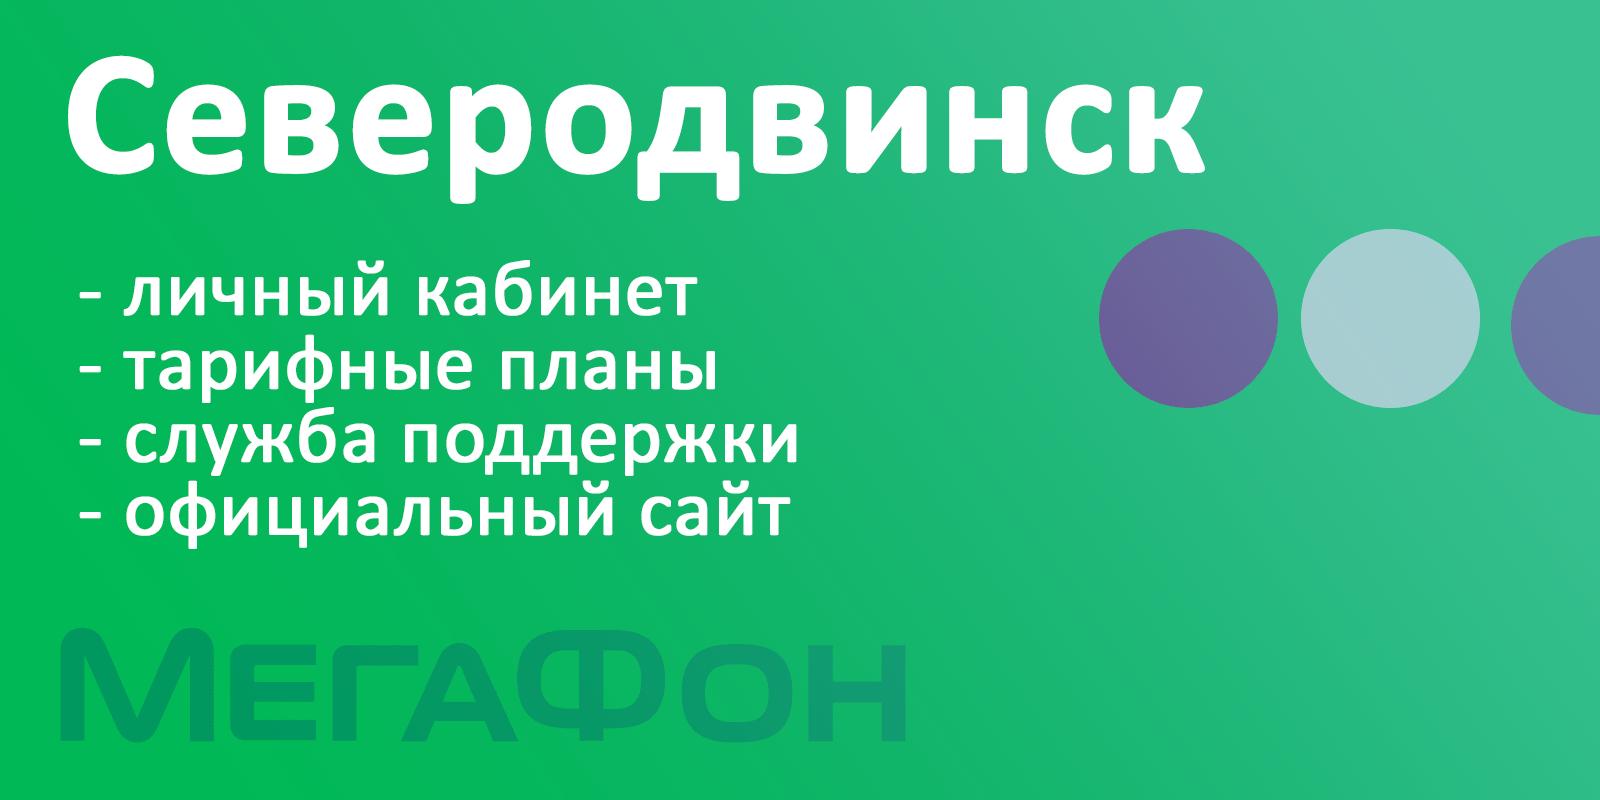 Мегафон Северодвинск - официальный сайт, тарифы, каталог товаров